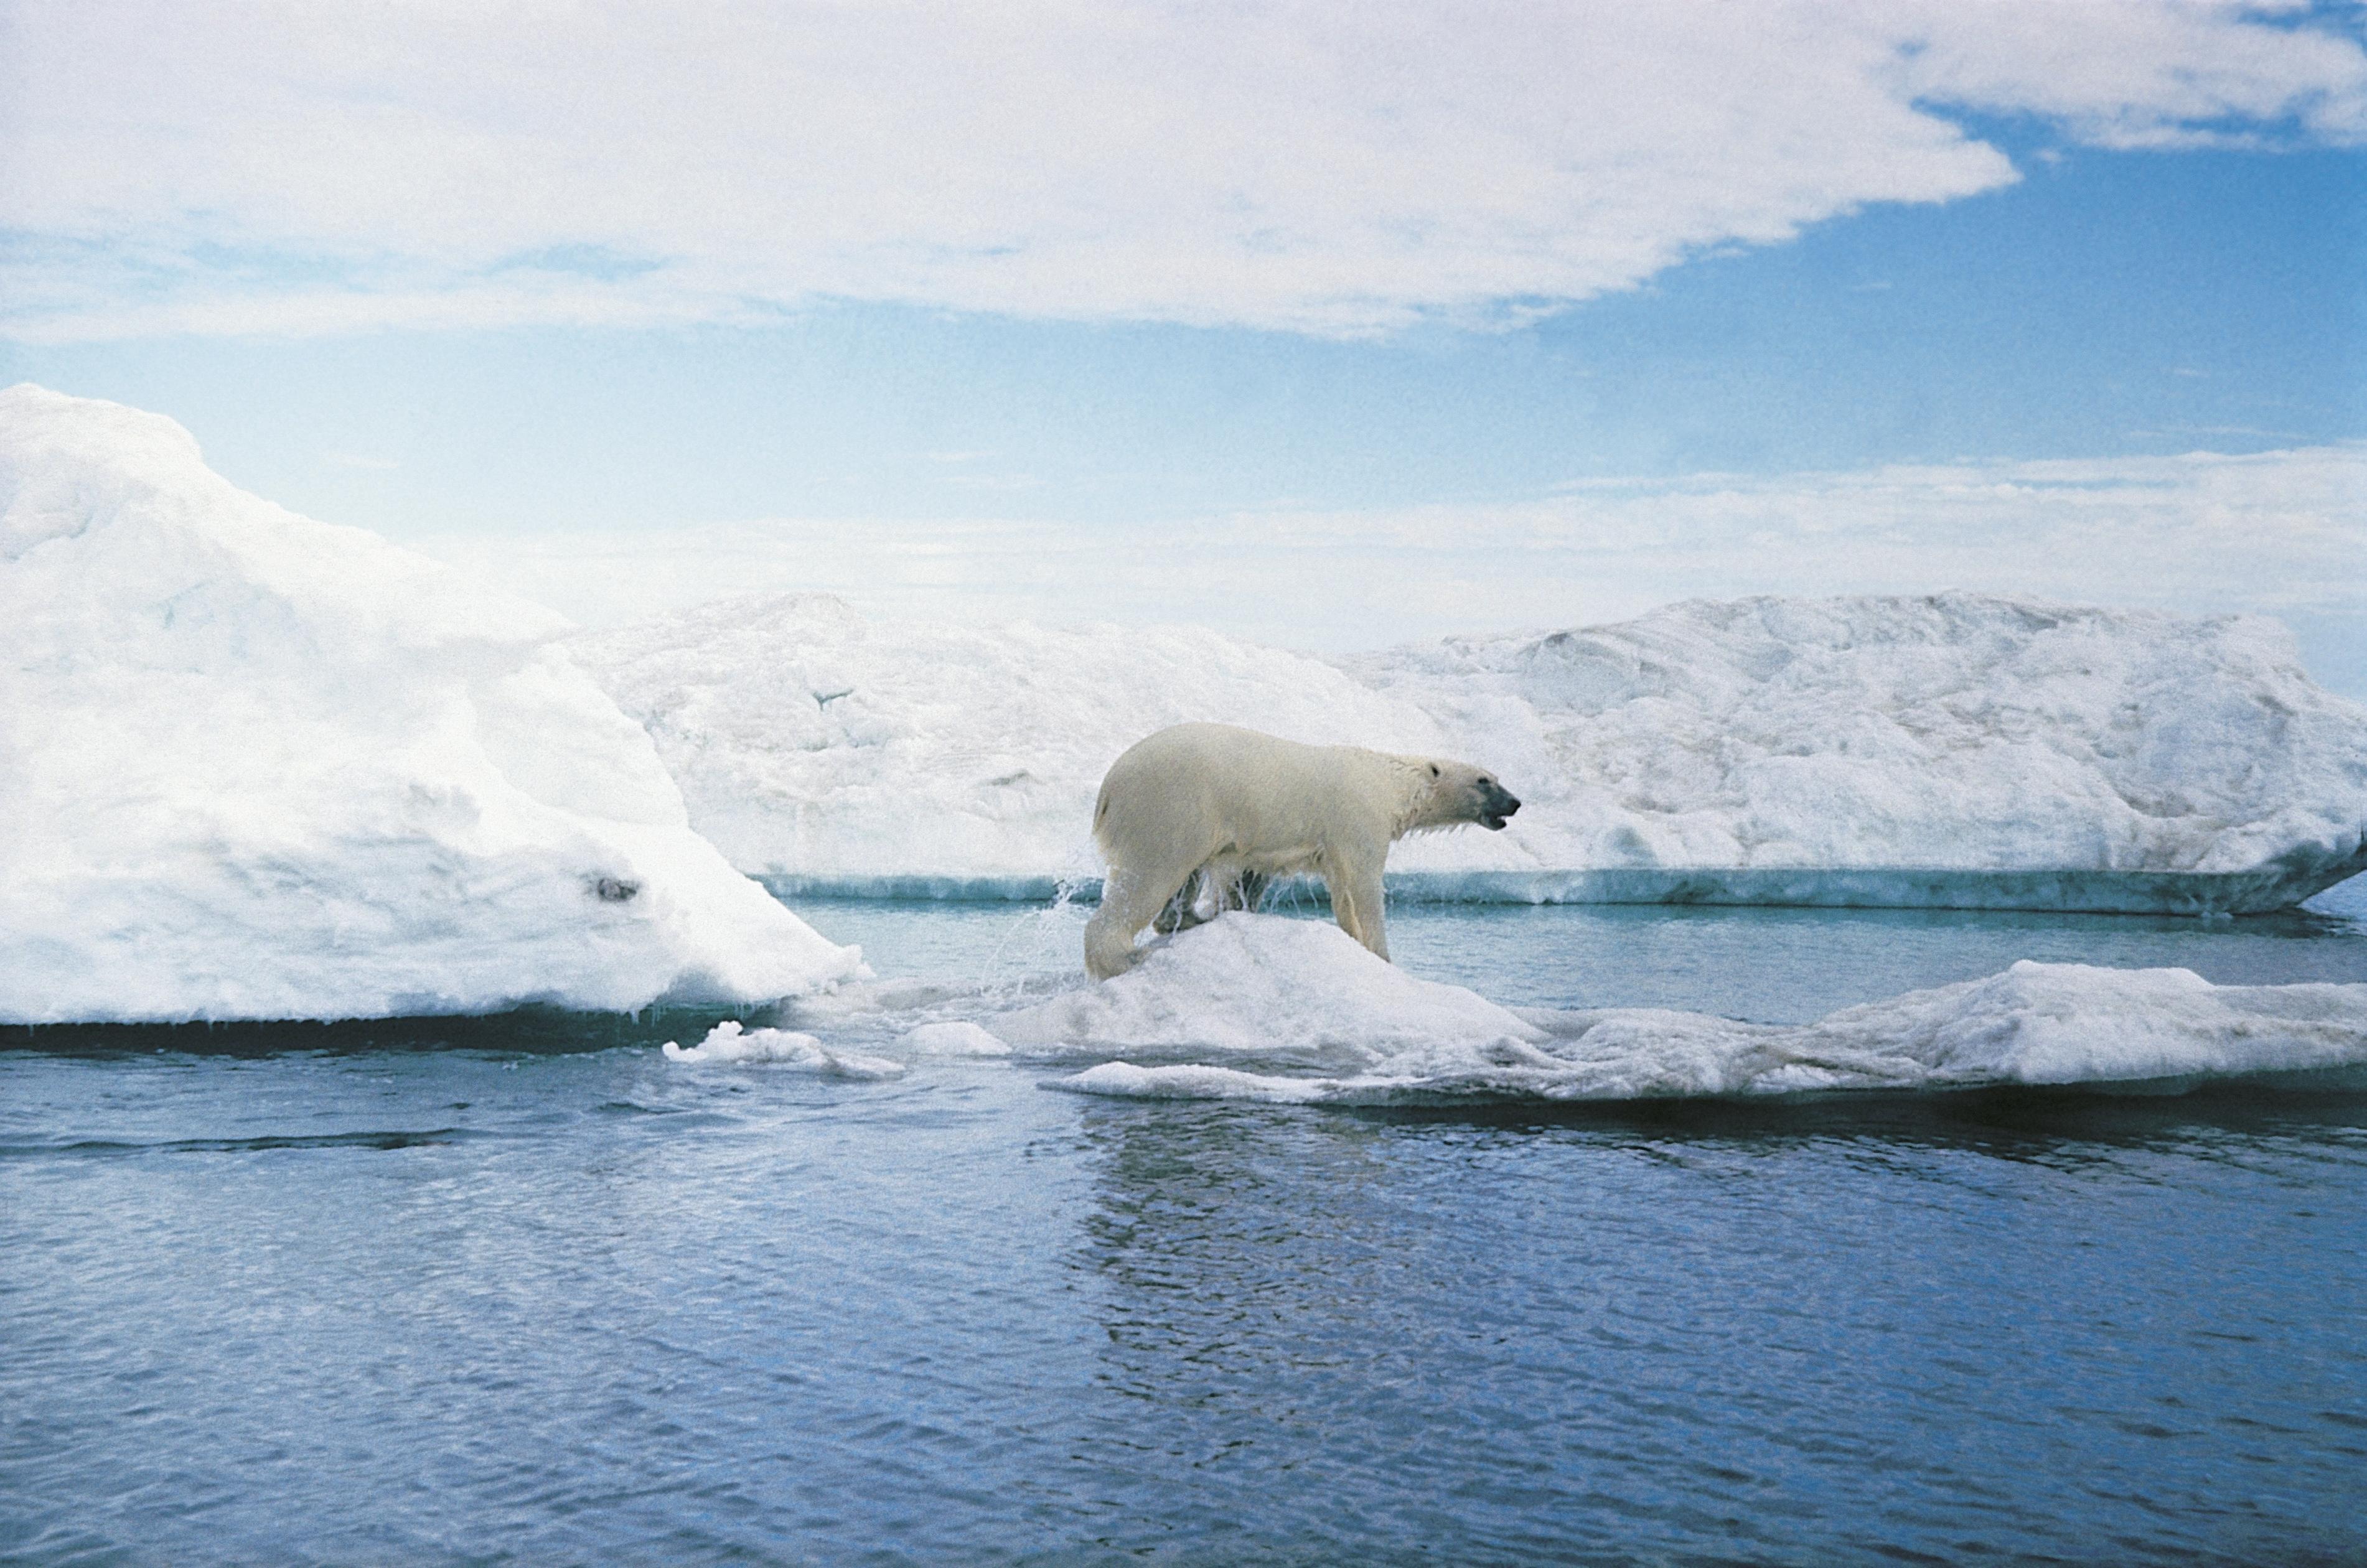 Polar bear (ursus maritimus) in arctic landscape.